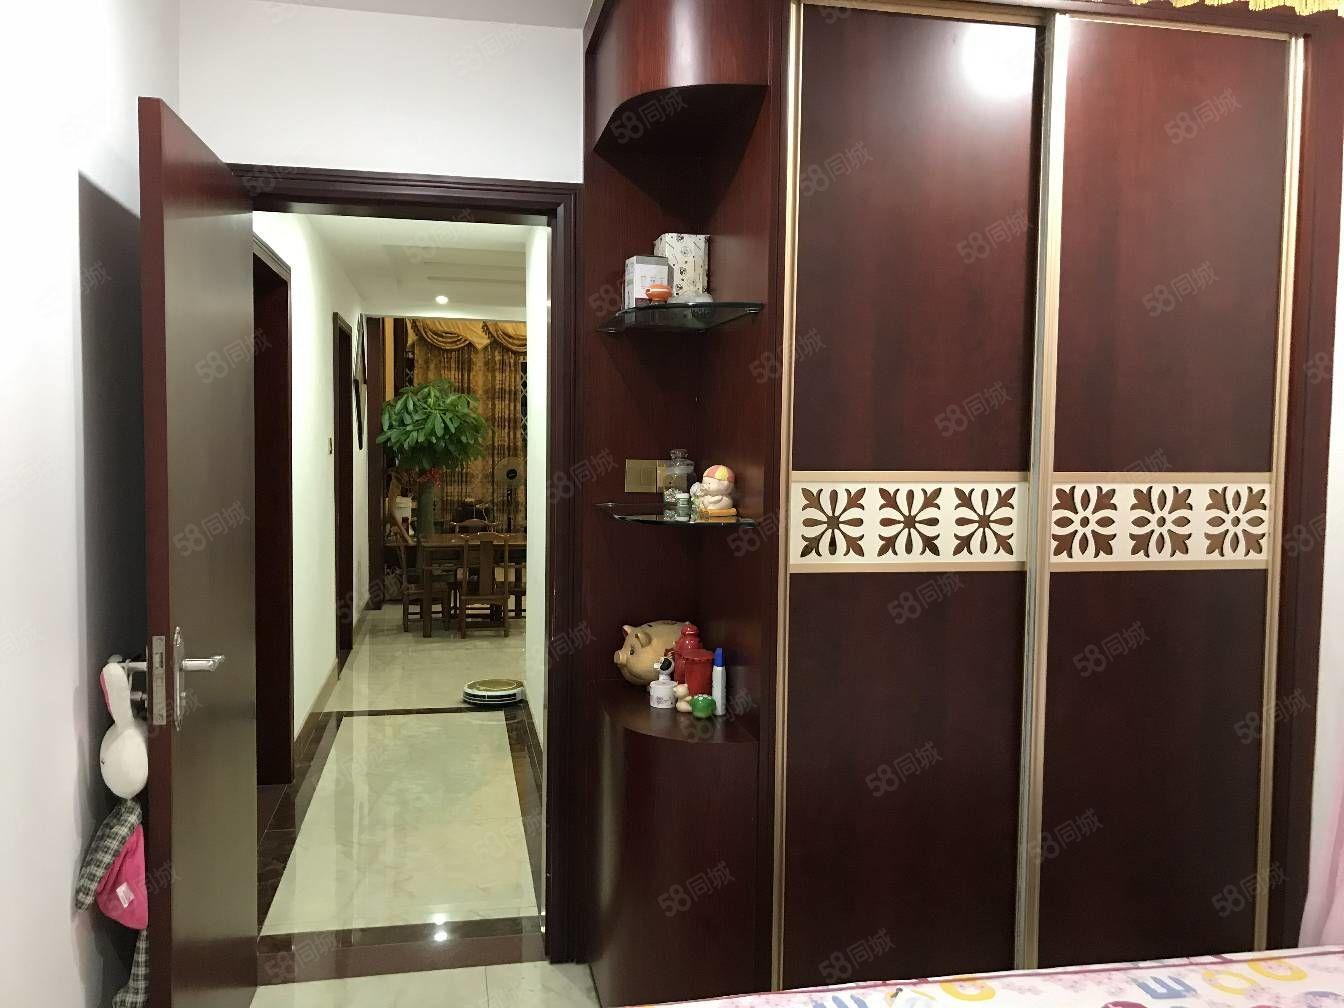 中惠沁林山庄精装修3房有中空厅送家电家私拎包入住